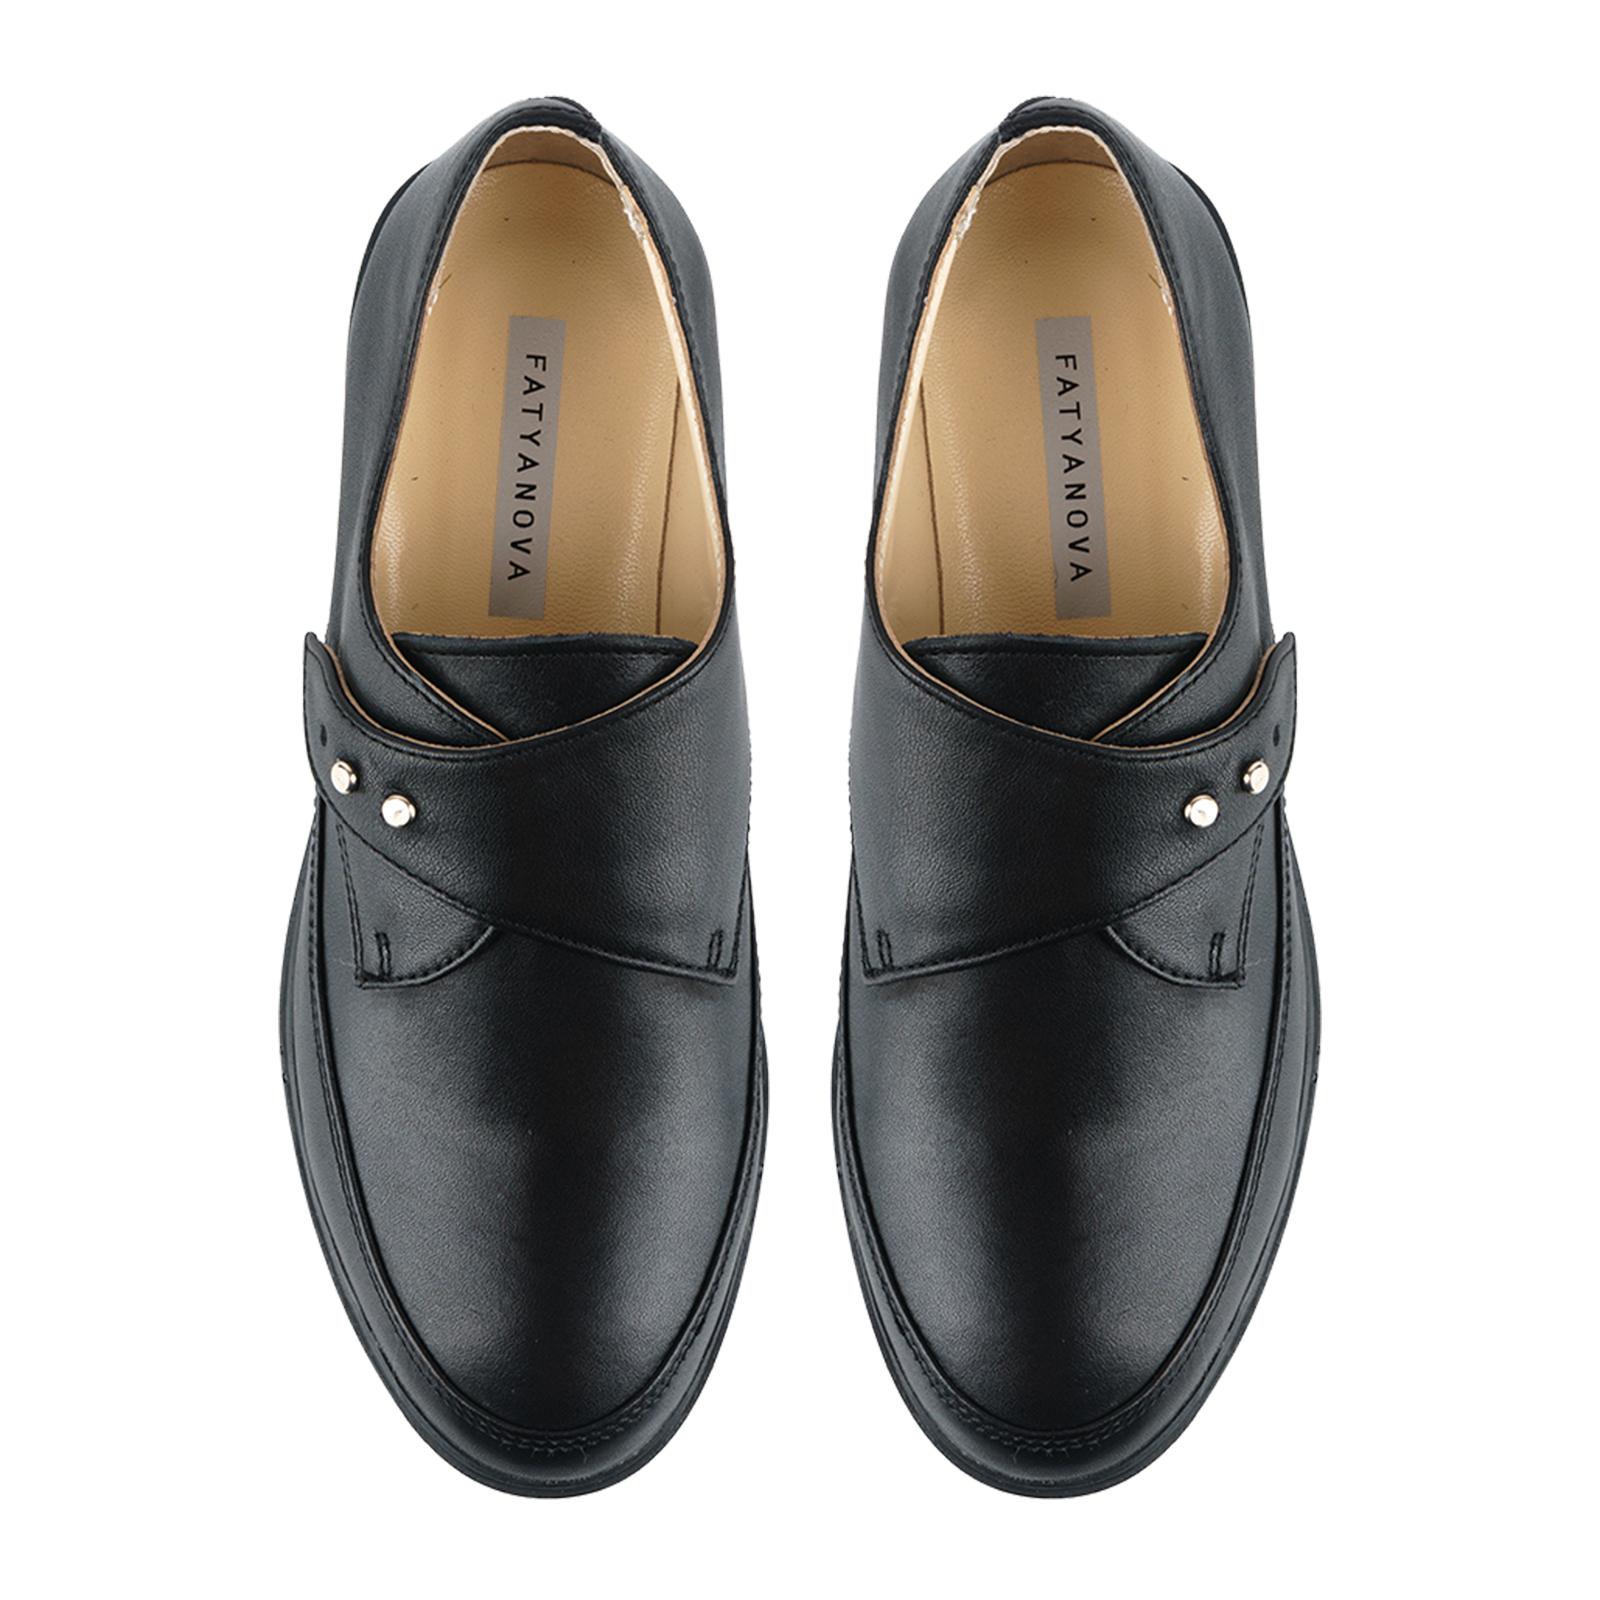 Туфли для женщин Туфли Алина кожаные черного цвета 100053 купить в Интертоп, 2017